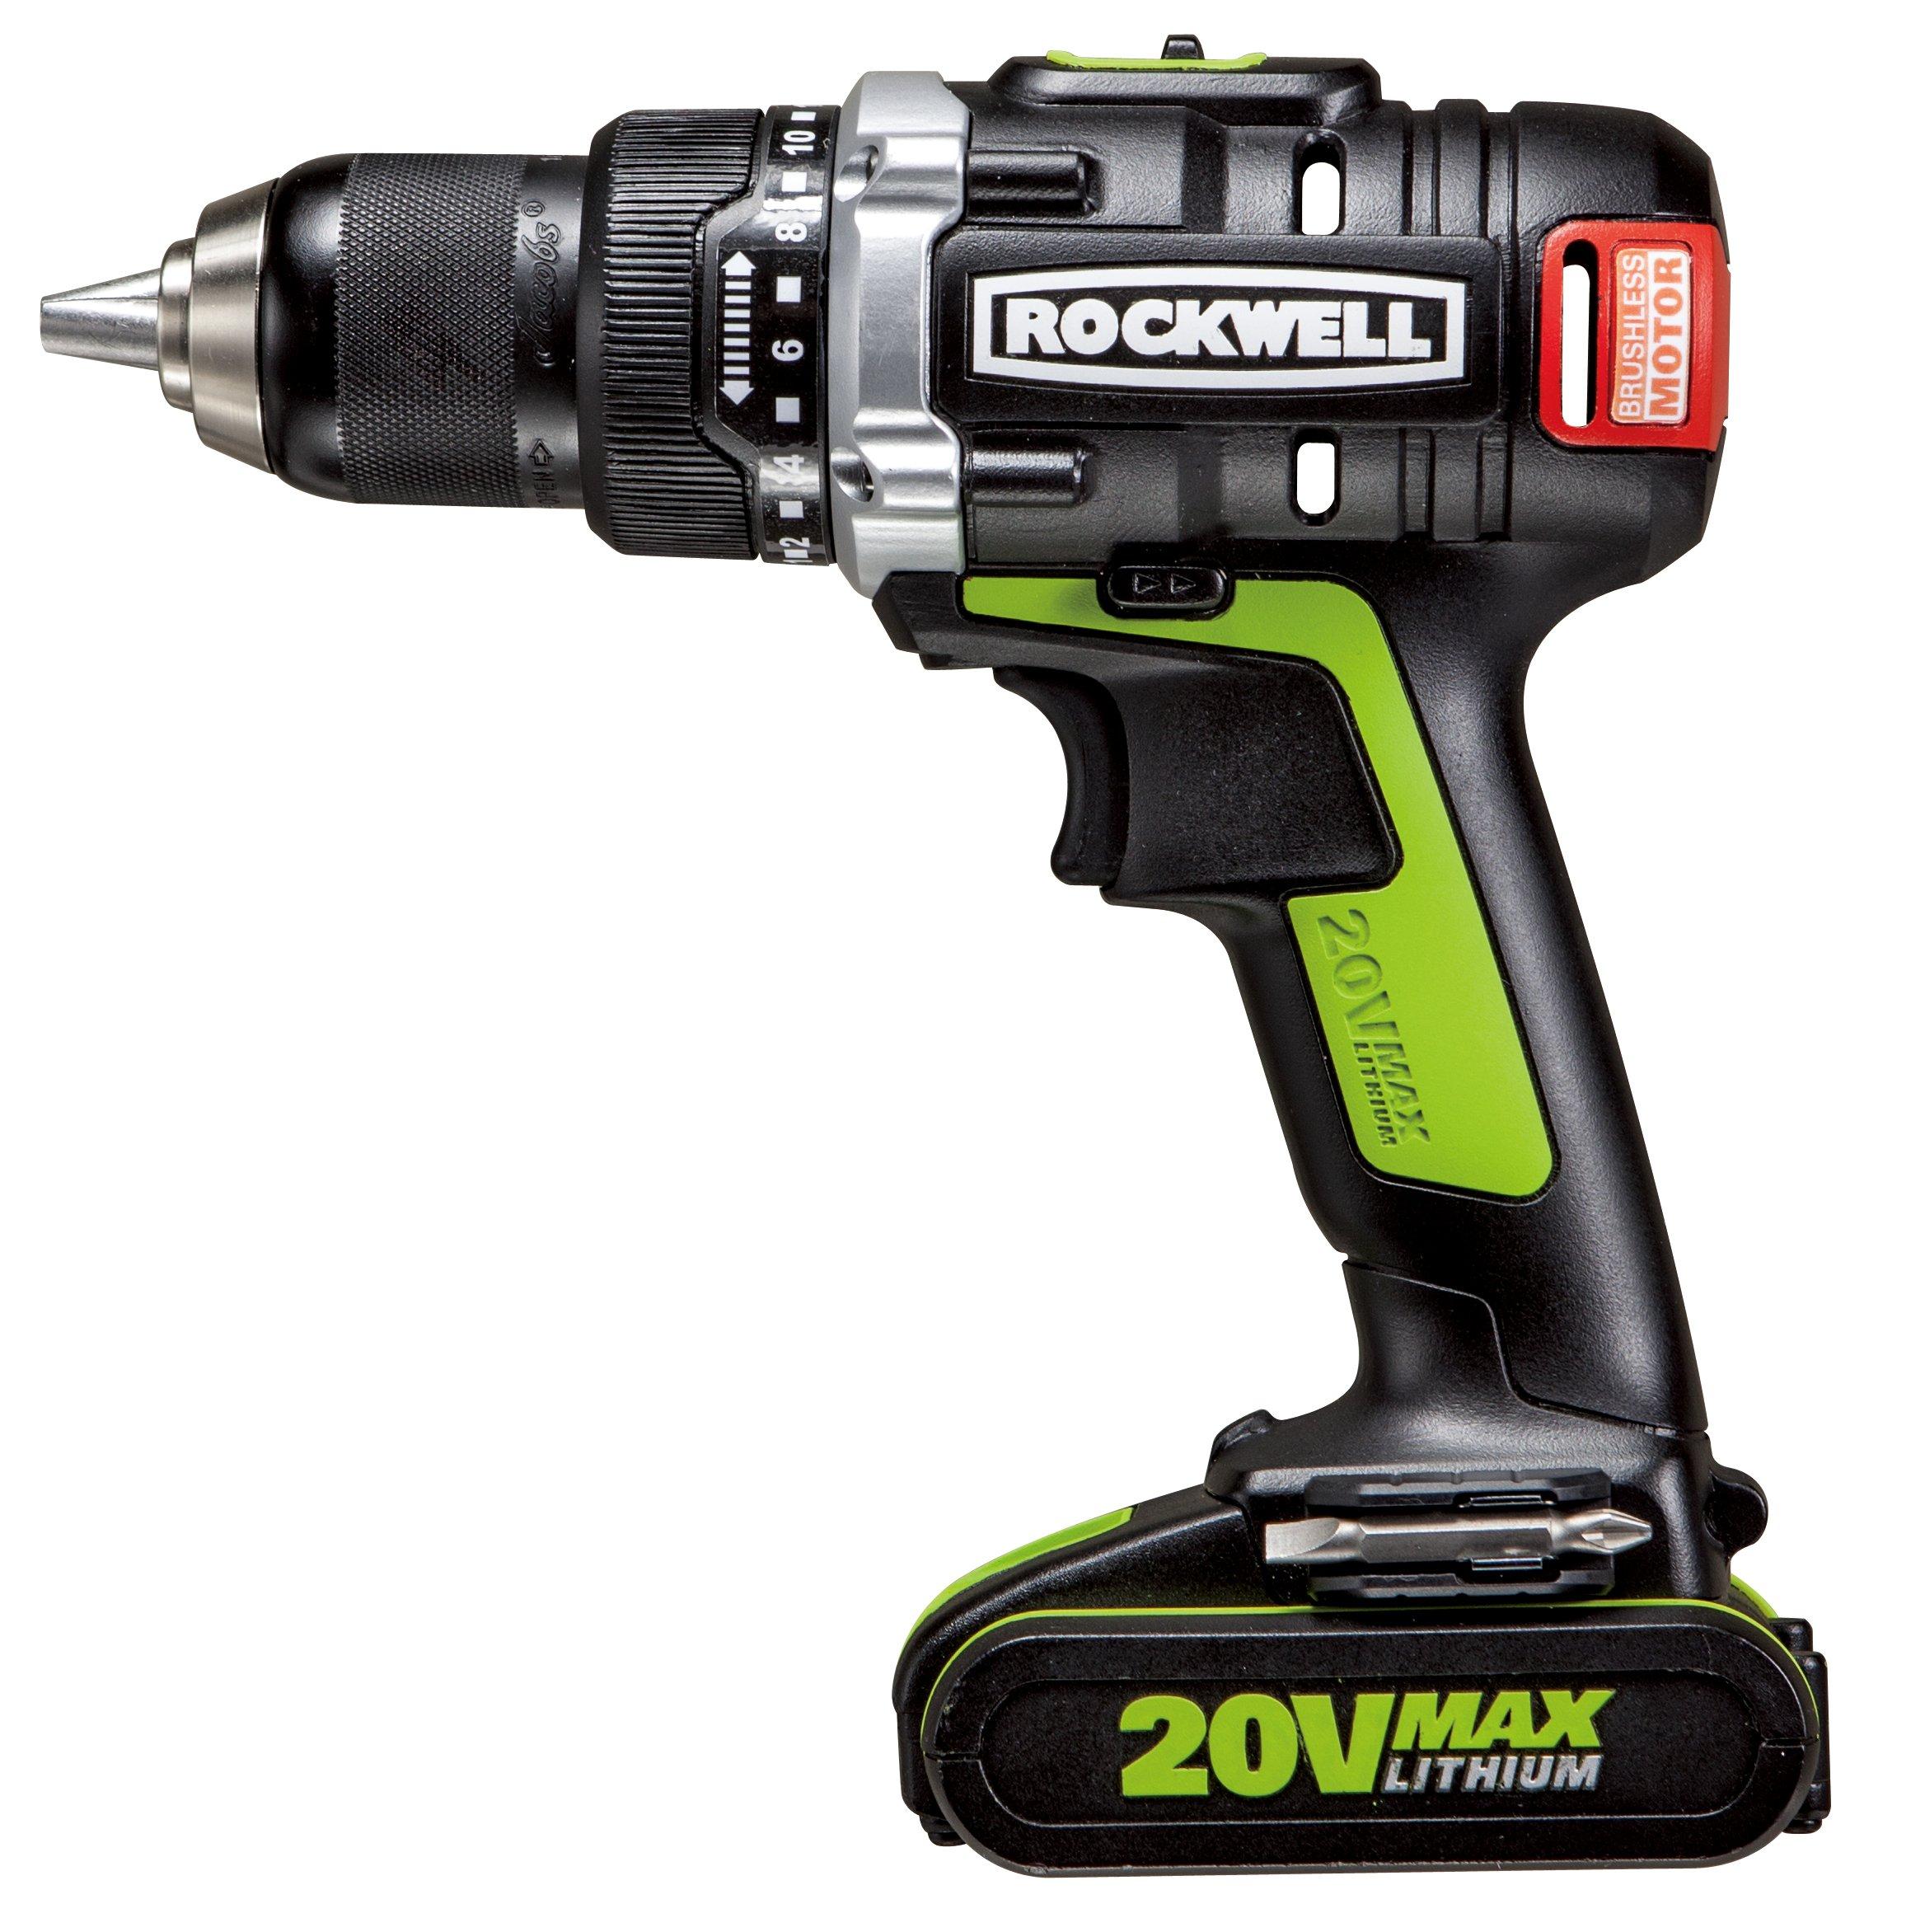 Rockwell RK2852K2 Li-ion Brushless Drill/Driver, 20V